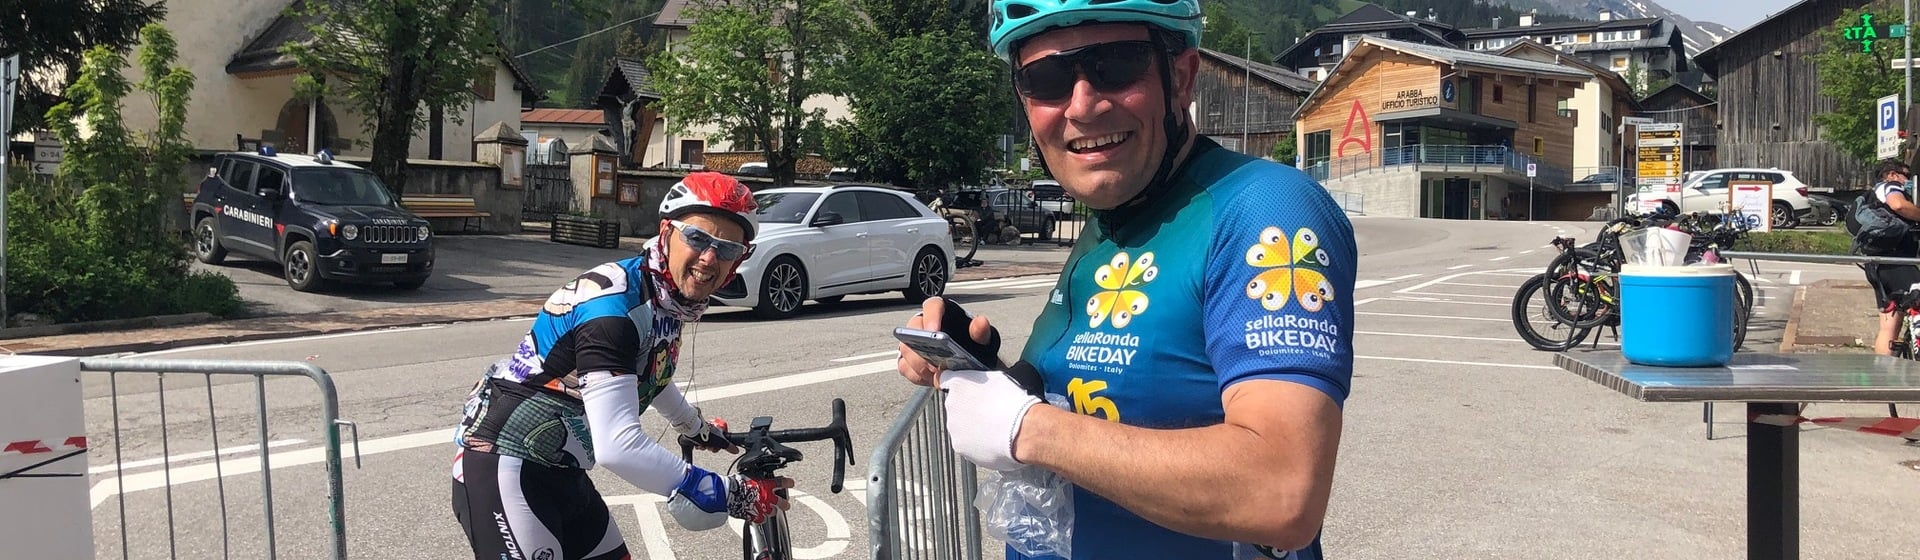 Domenica 27.06.2021 va in scena il Sellaronda Bike Day